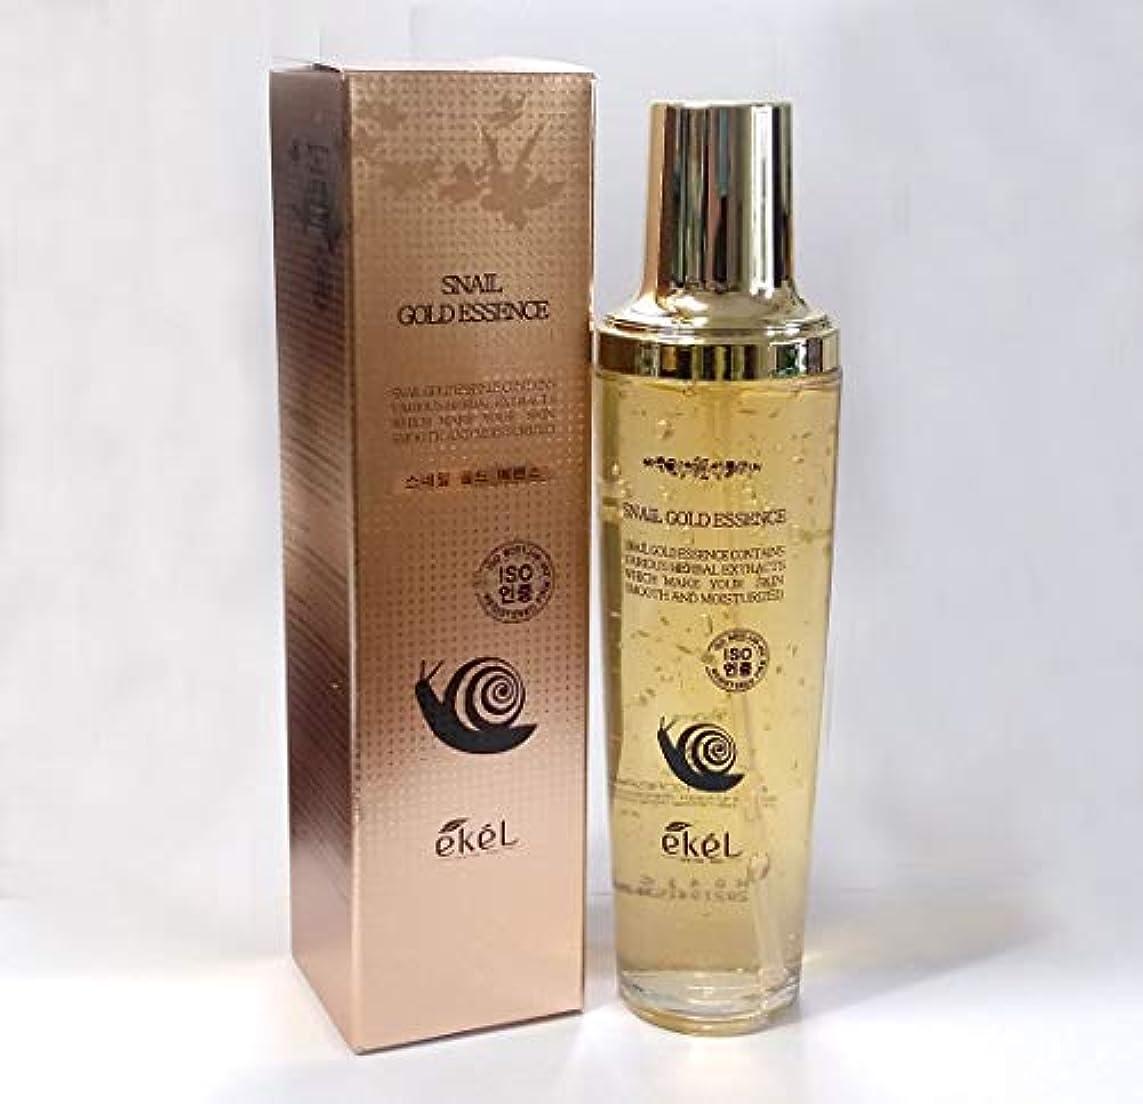 ポンプミルク蜂[EKEL] ゴールドエッセンス150ml /ハーブエキス/スムーズ&モイスチャライド/韓国化粧品 / Gold Essence 150ml / Herbal Extracts / Smooth & Moisturized / Korean Cosmetics [並行輸入品]